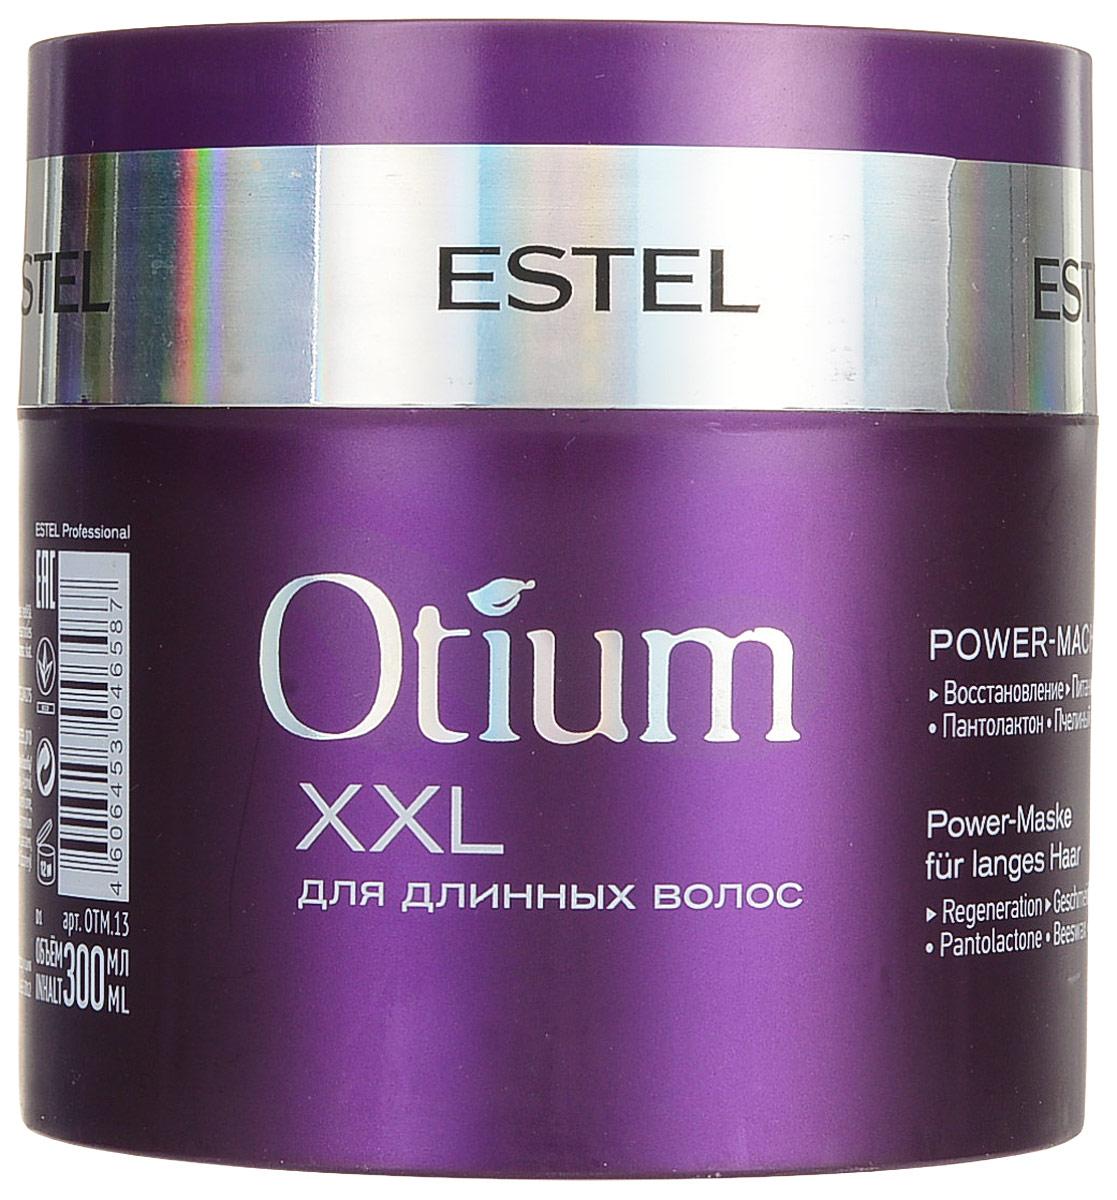 Estel Otium XXL Power-маска для длинных волос 300 мл чехлы для ipad 2 iguy